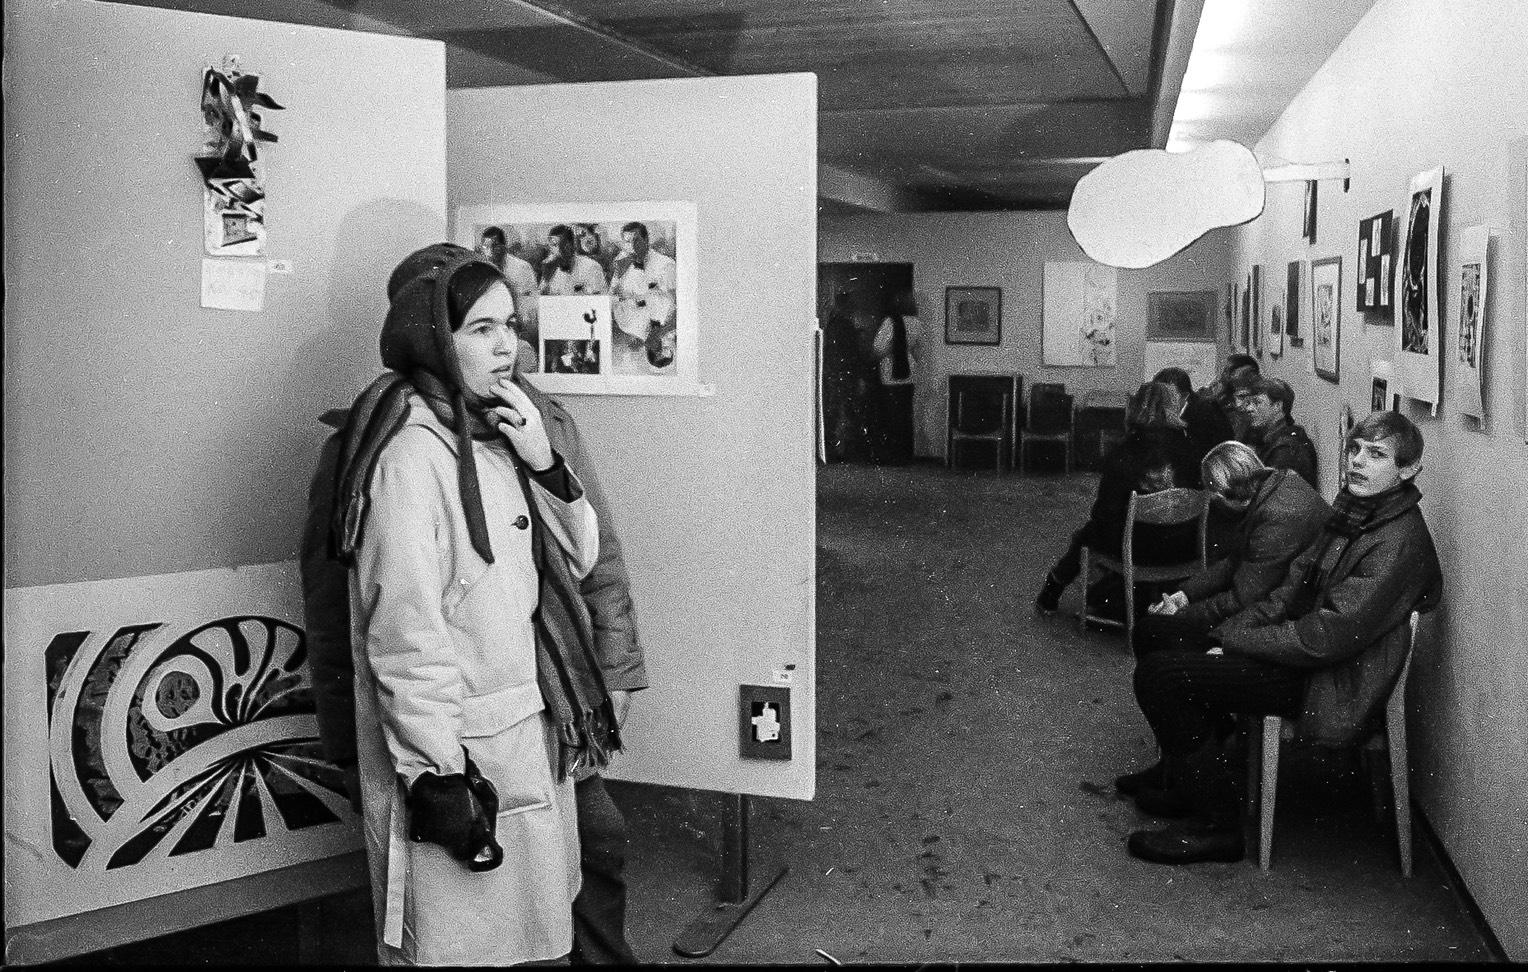 Fra OHMs utstilling i Skiens kunstforening vinteren 1969 (foto: Per Helge Berrefjord)